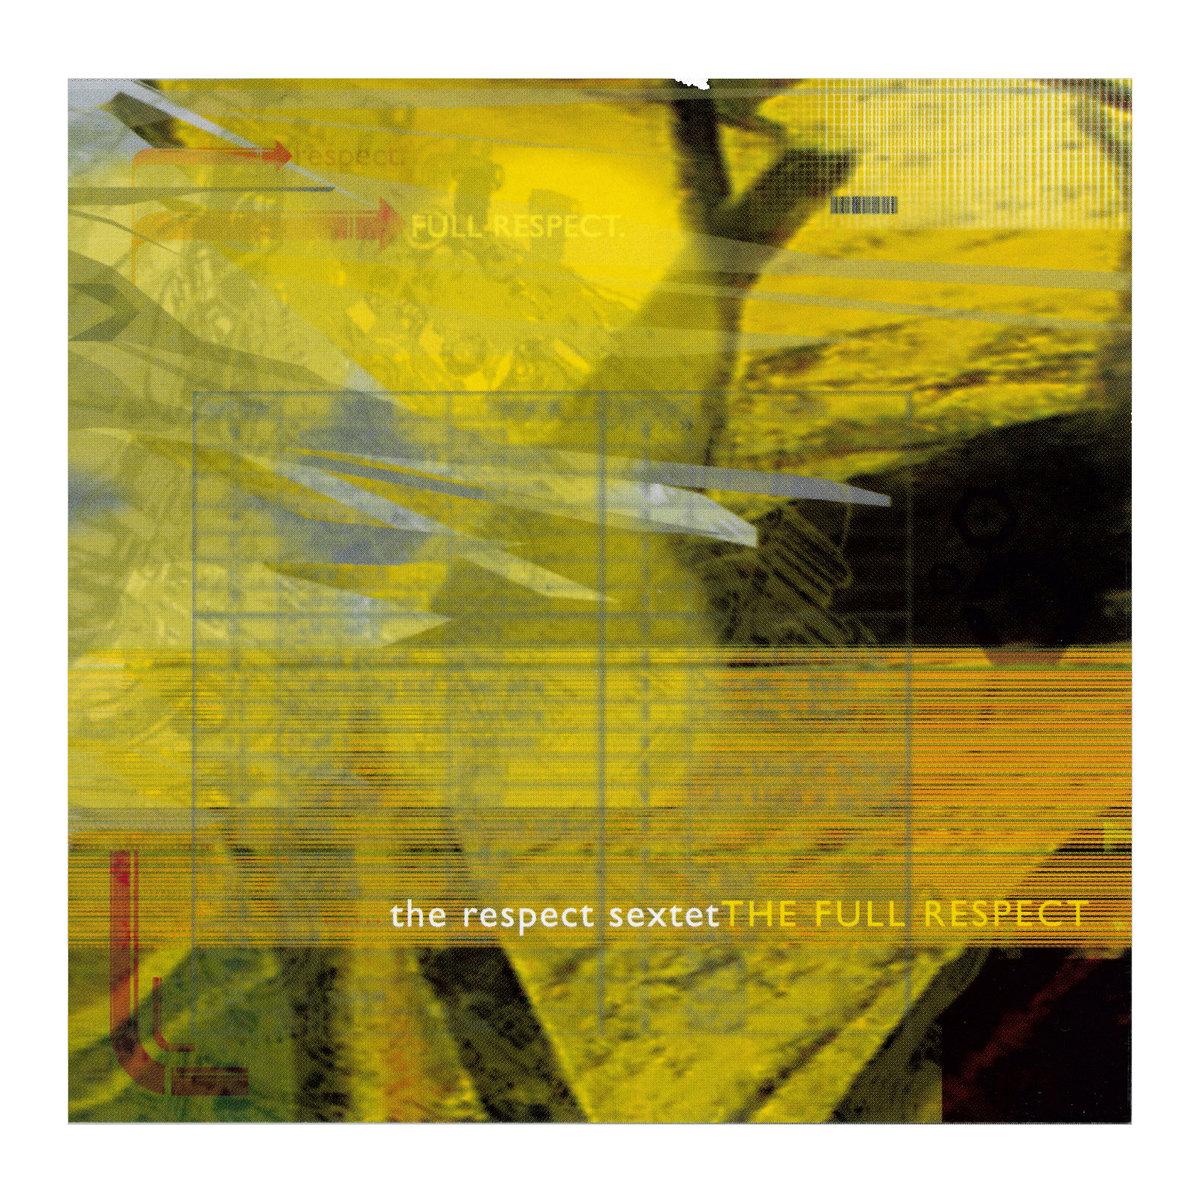 The Full Respect (The Respect Sextet, 2003)